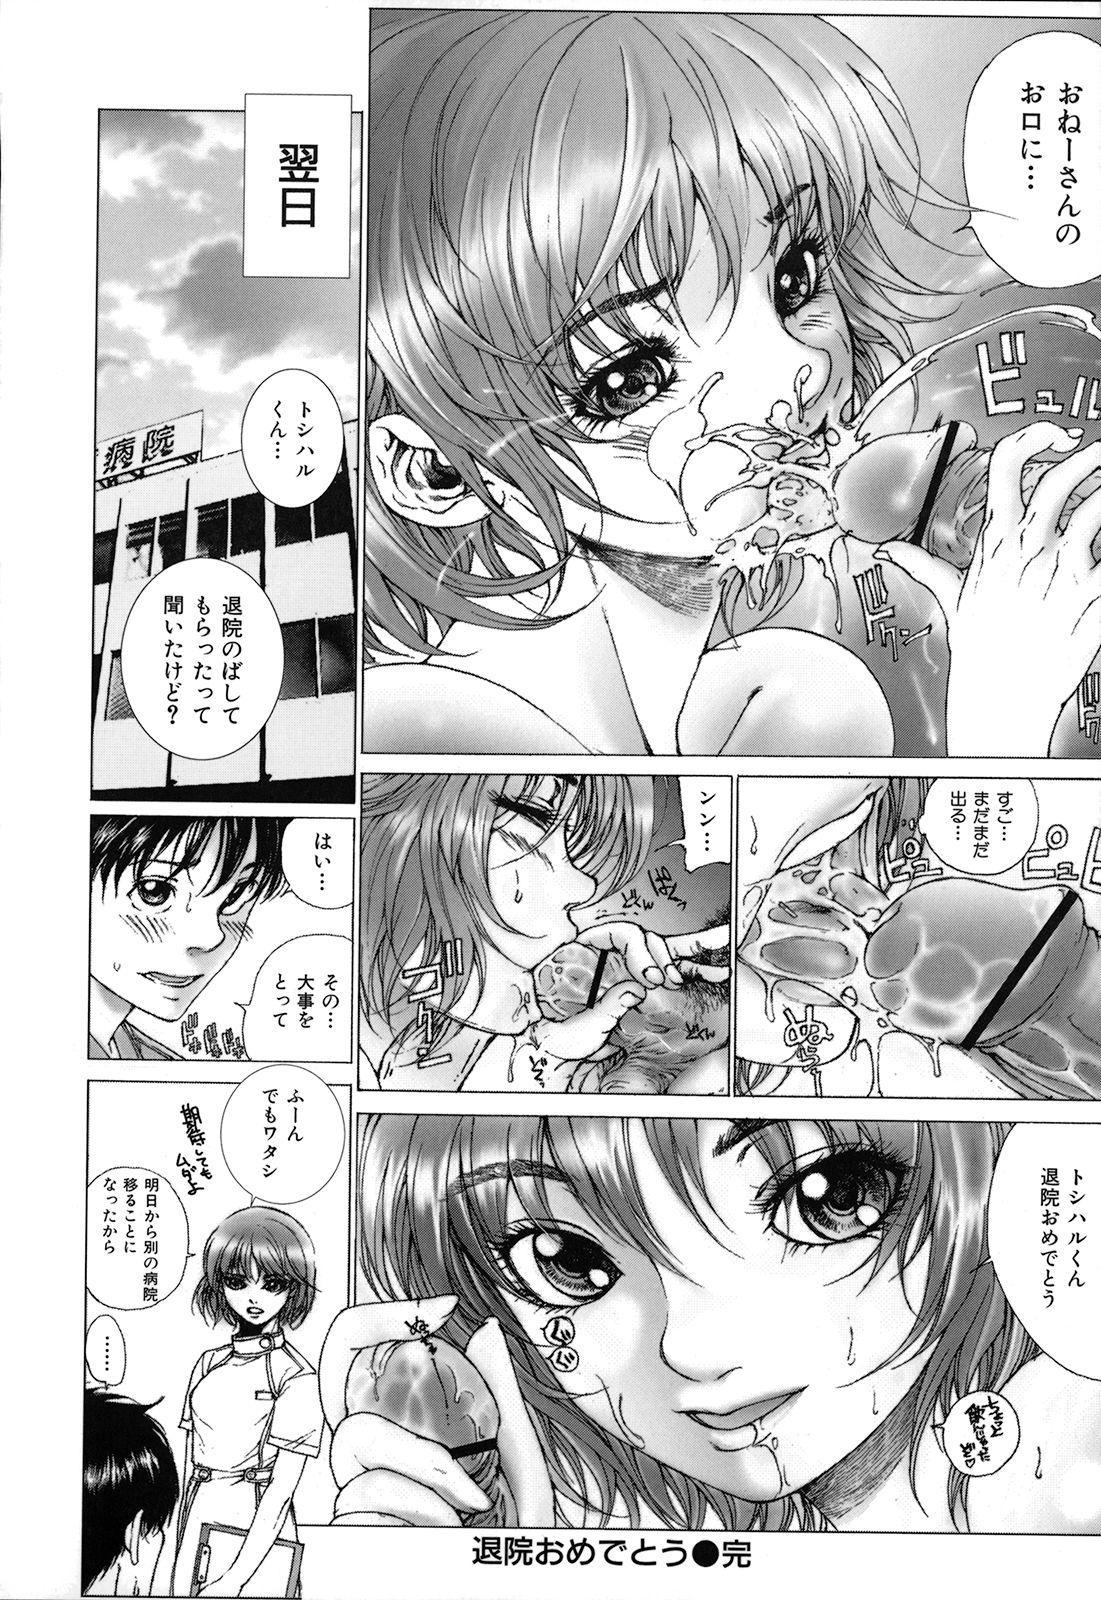 Kou Musume 49